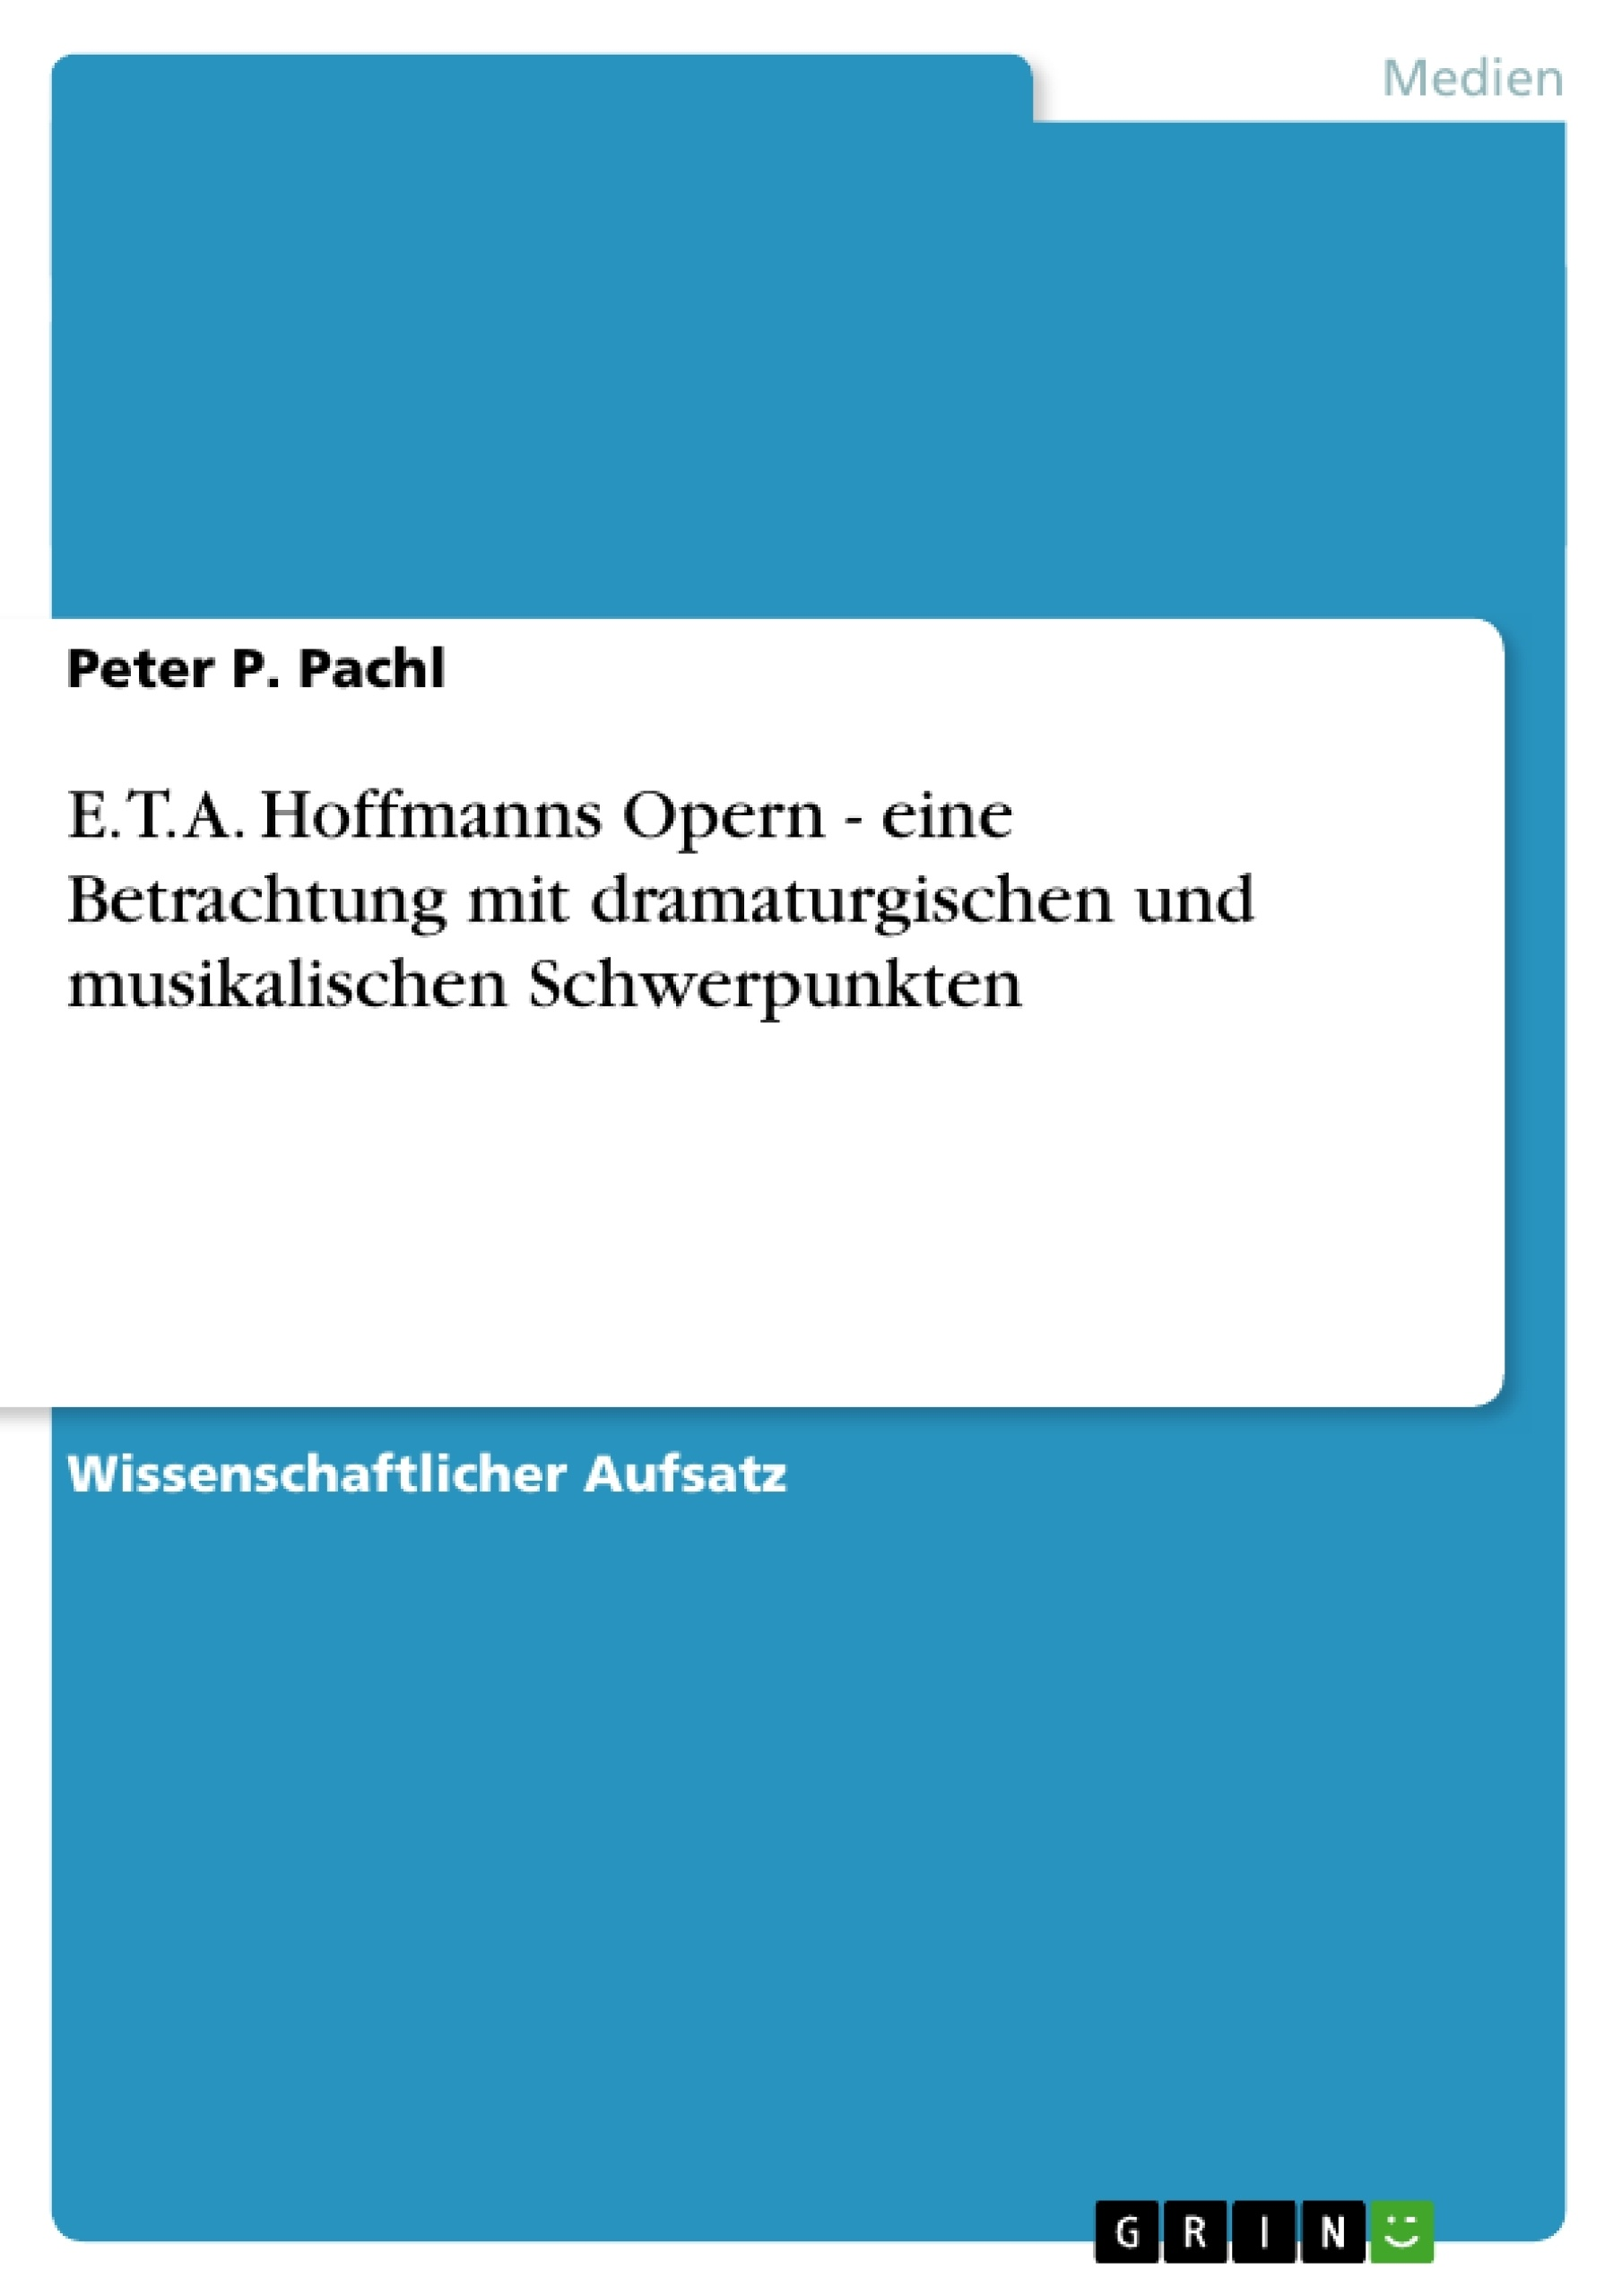 Titel: E. T. A. Hoffmanns Opern - eine Betrachtung mit dramaturgischen und musikalischen Schwerpunkten